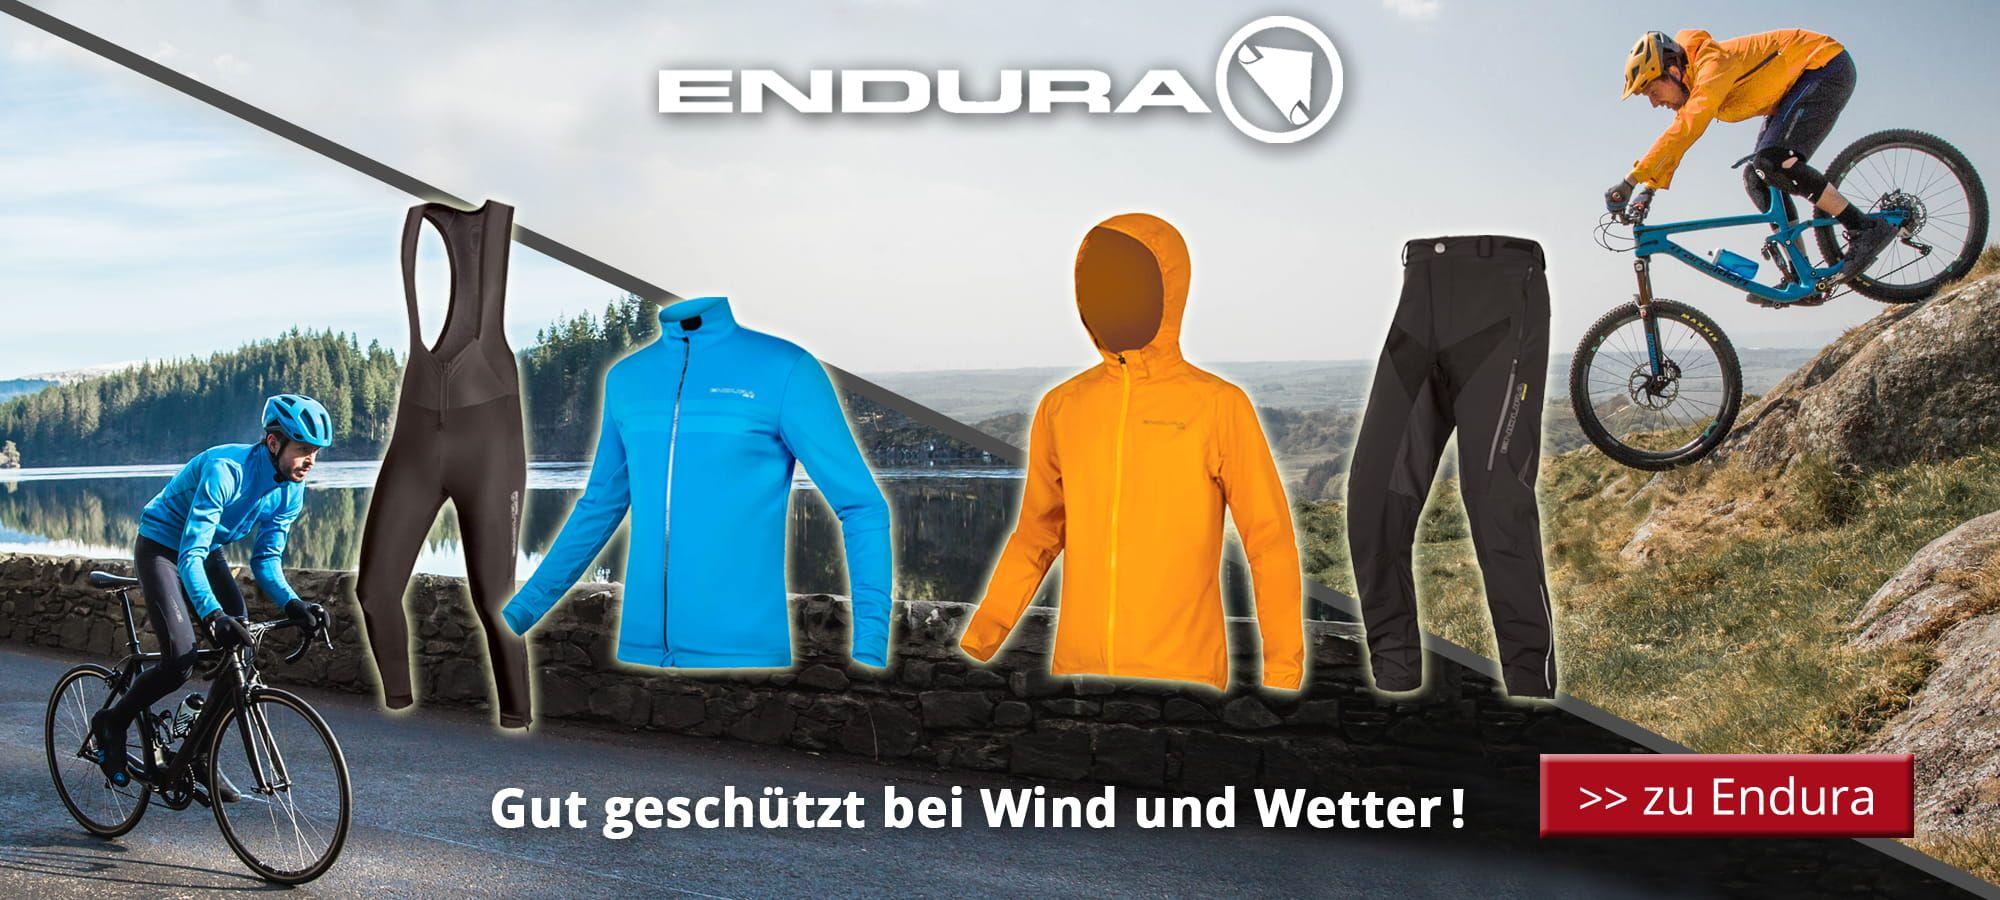 Herbst/ Winter Enudra 2018 - Gut geschützt bei Wind und Wetter !